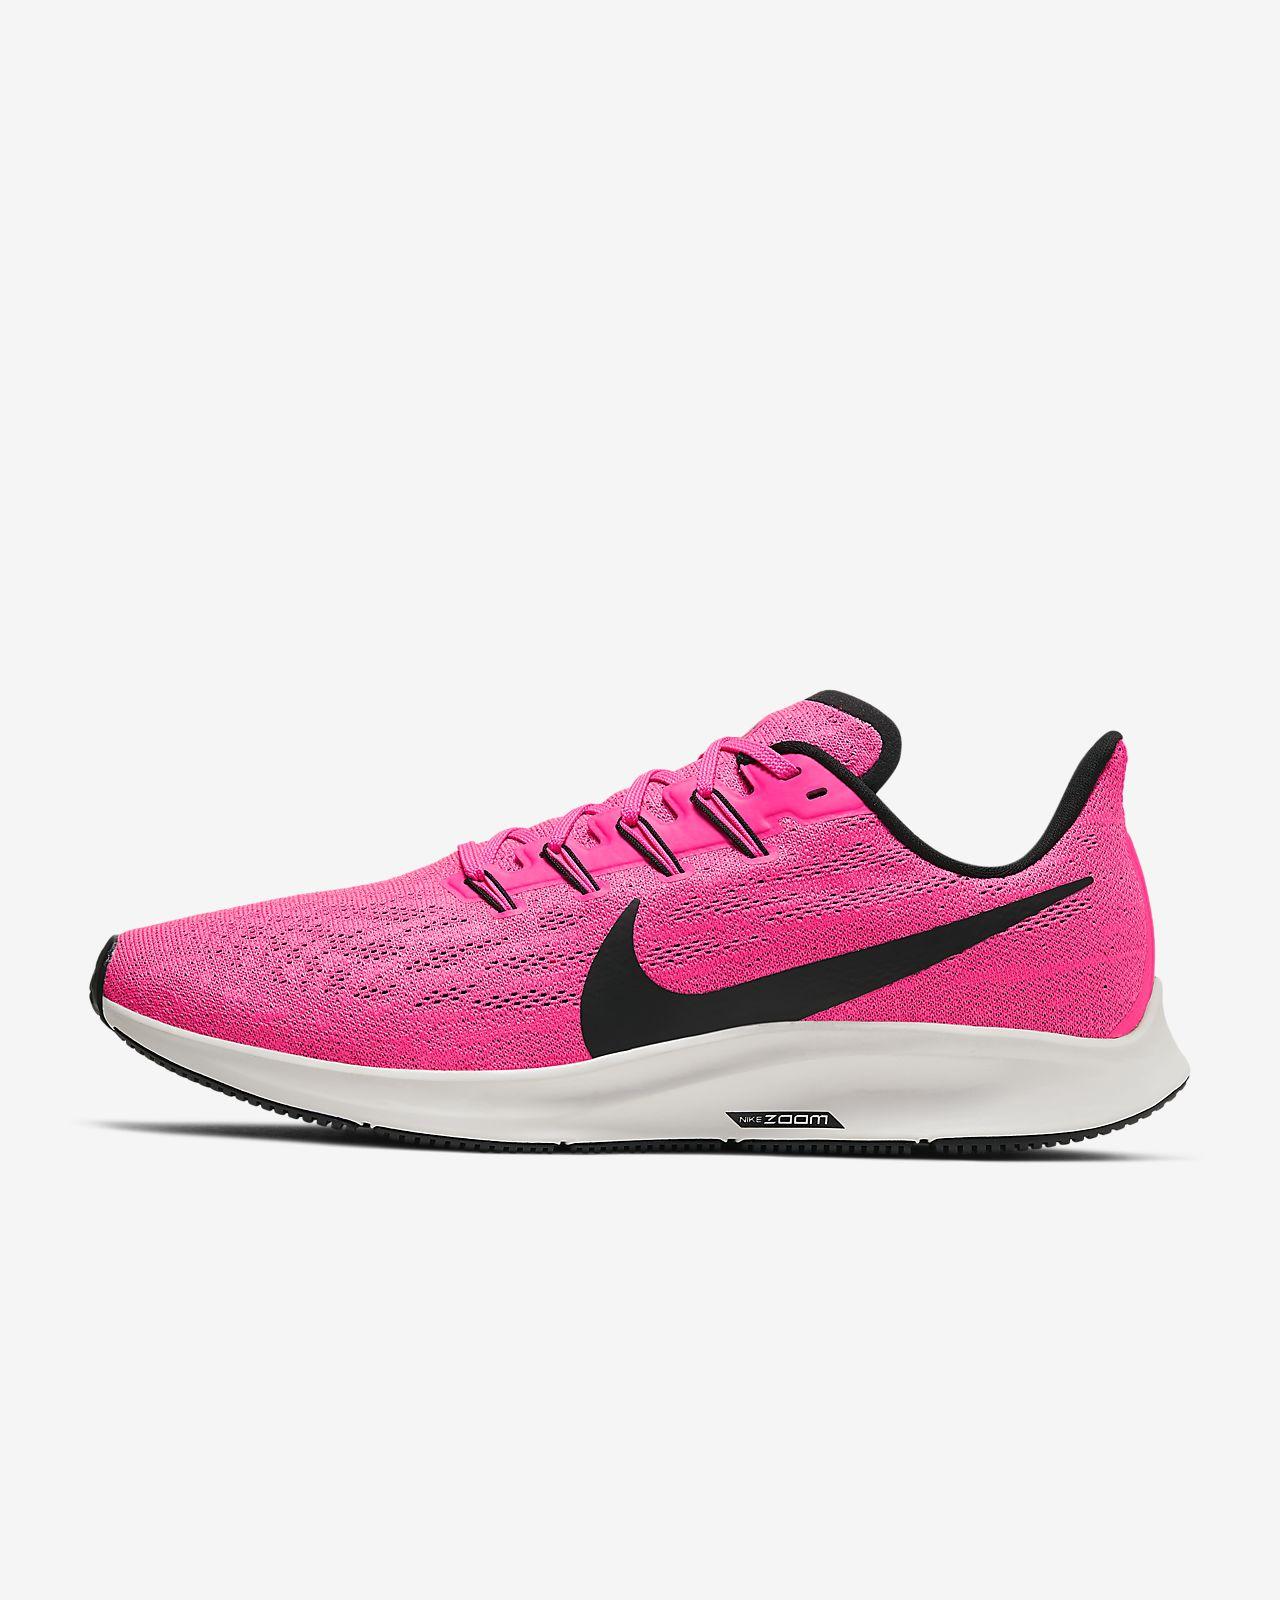 dobry fantastyczne oszczędności najlepsza wyprzedaż Męskie buty do biegania Nike Air Zoom Pegasus 36